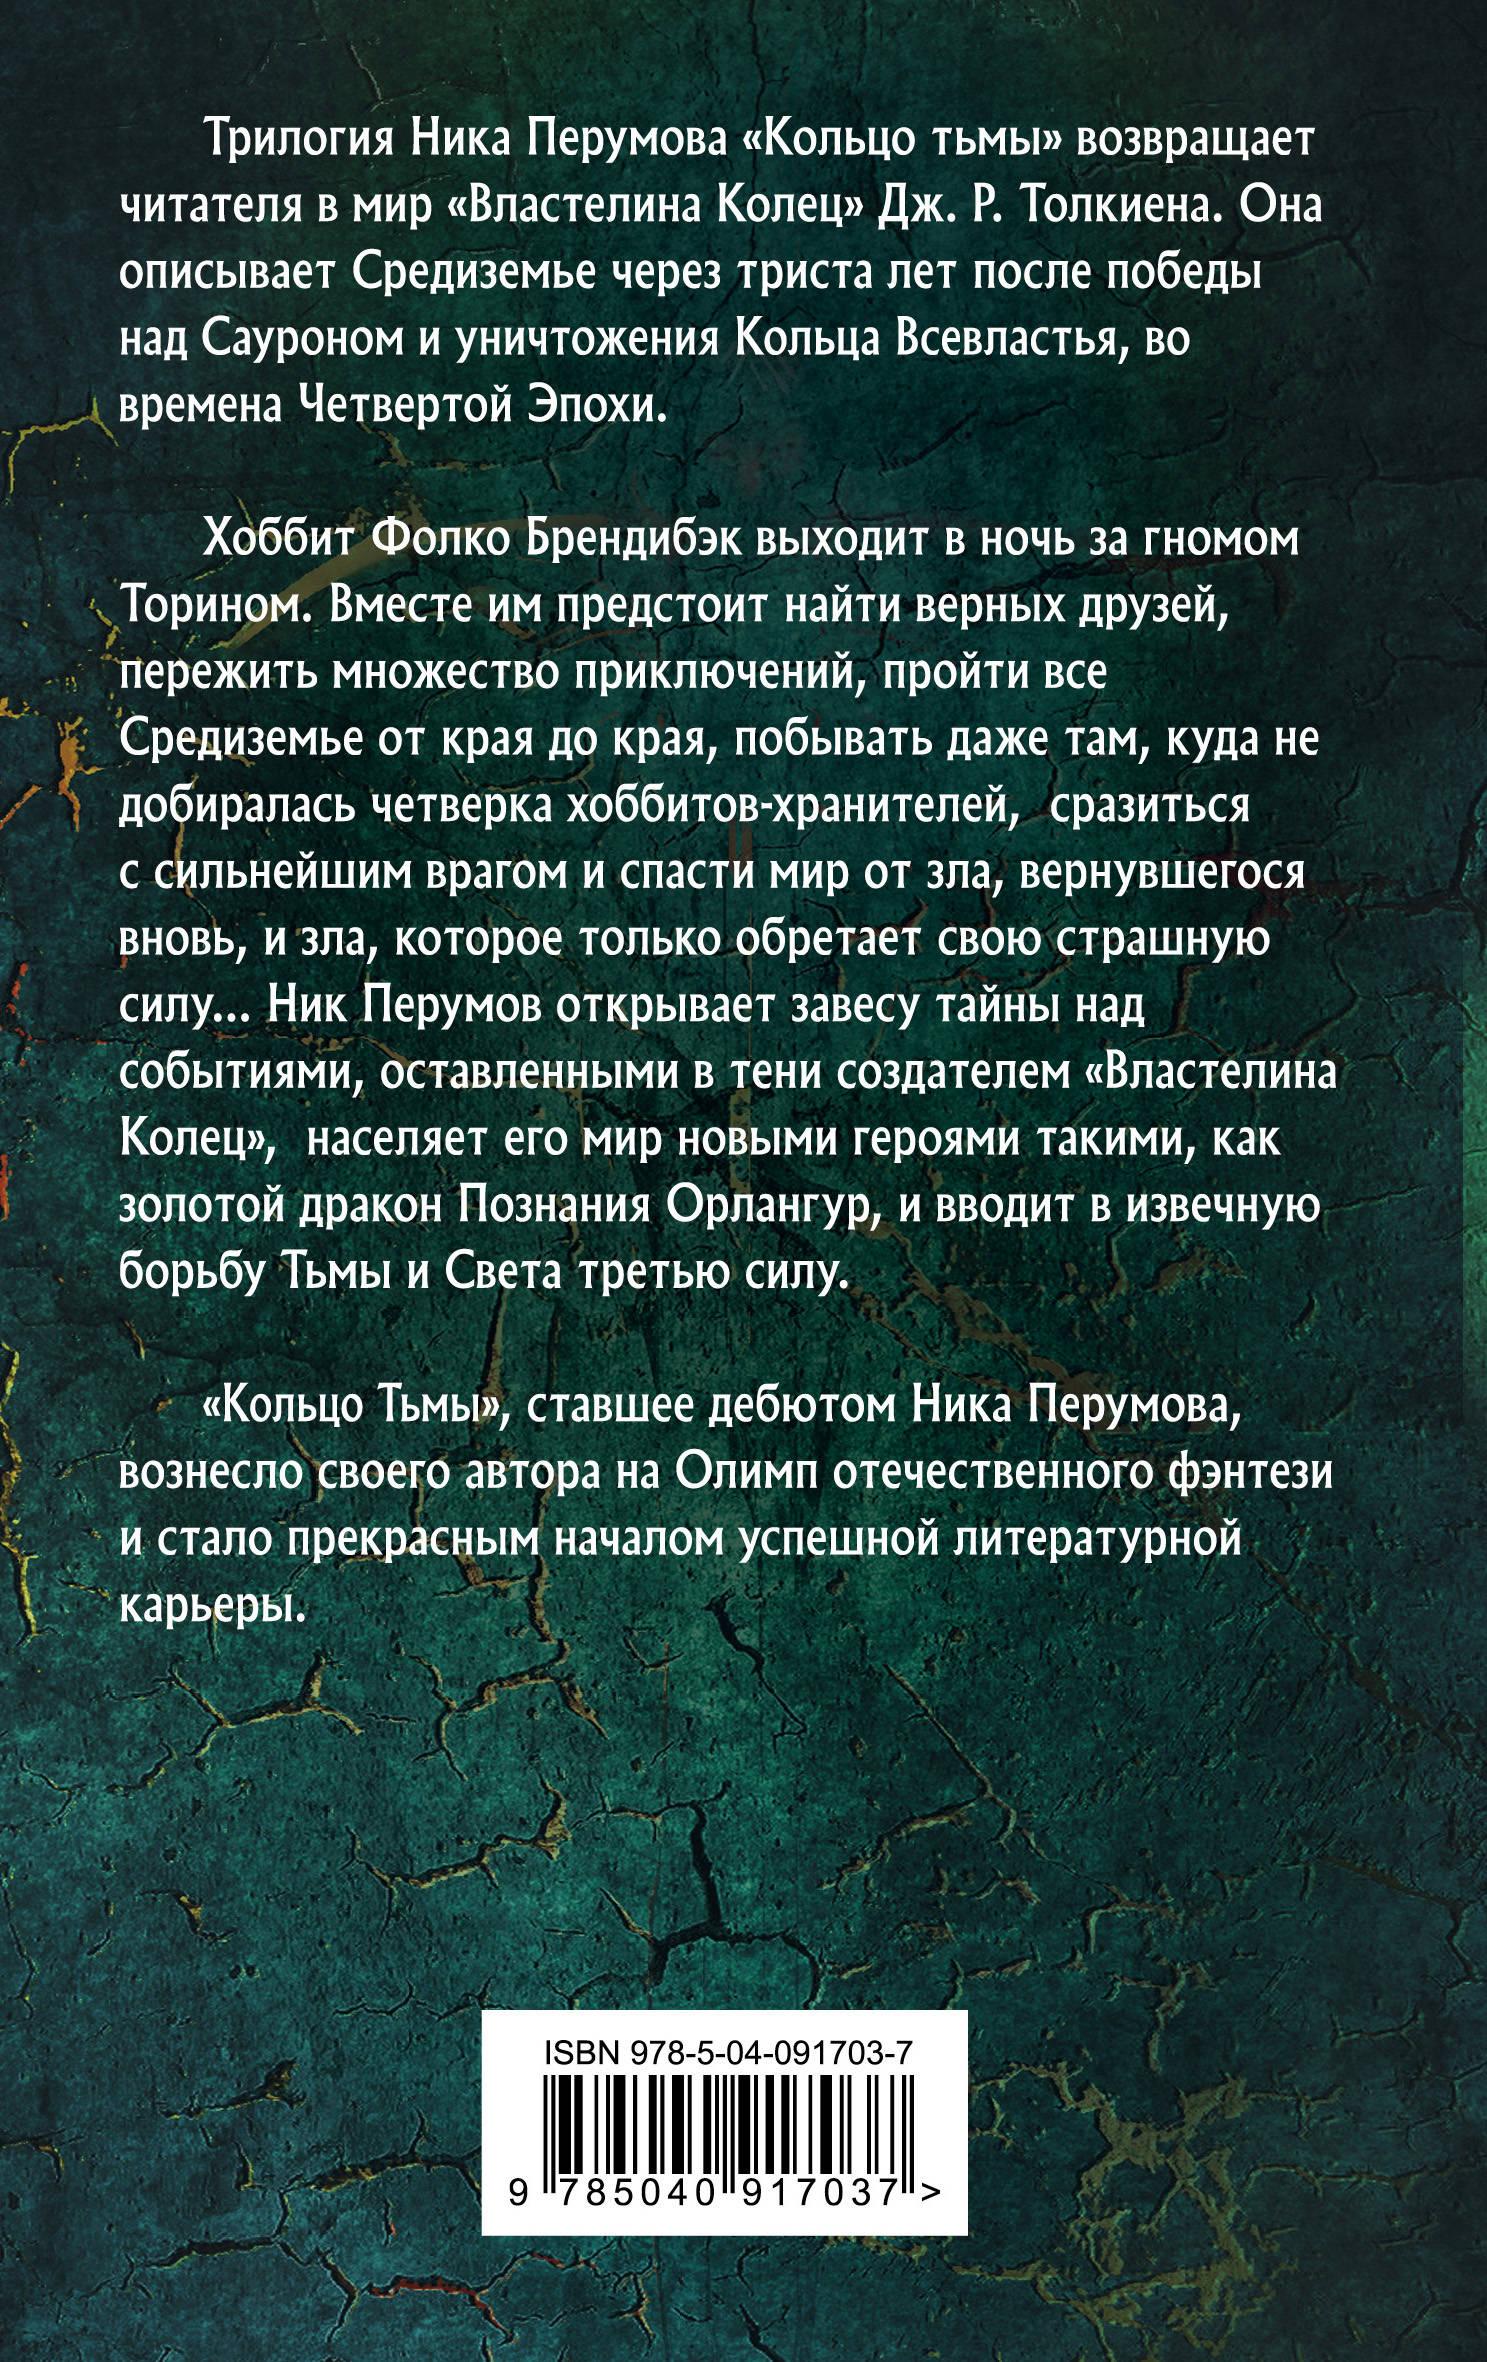 Властелин колец и Кольцо тьмы   2362x1487